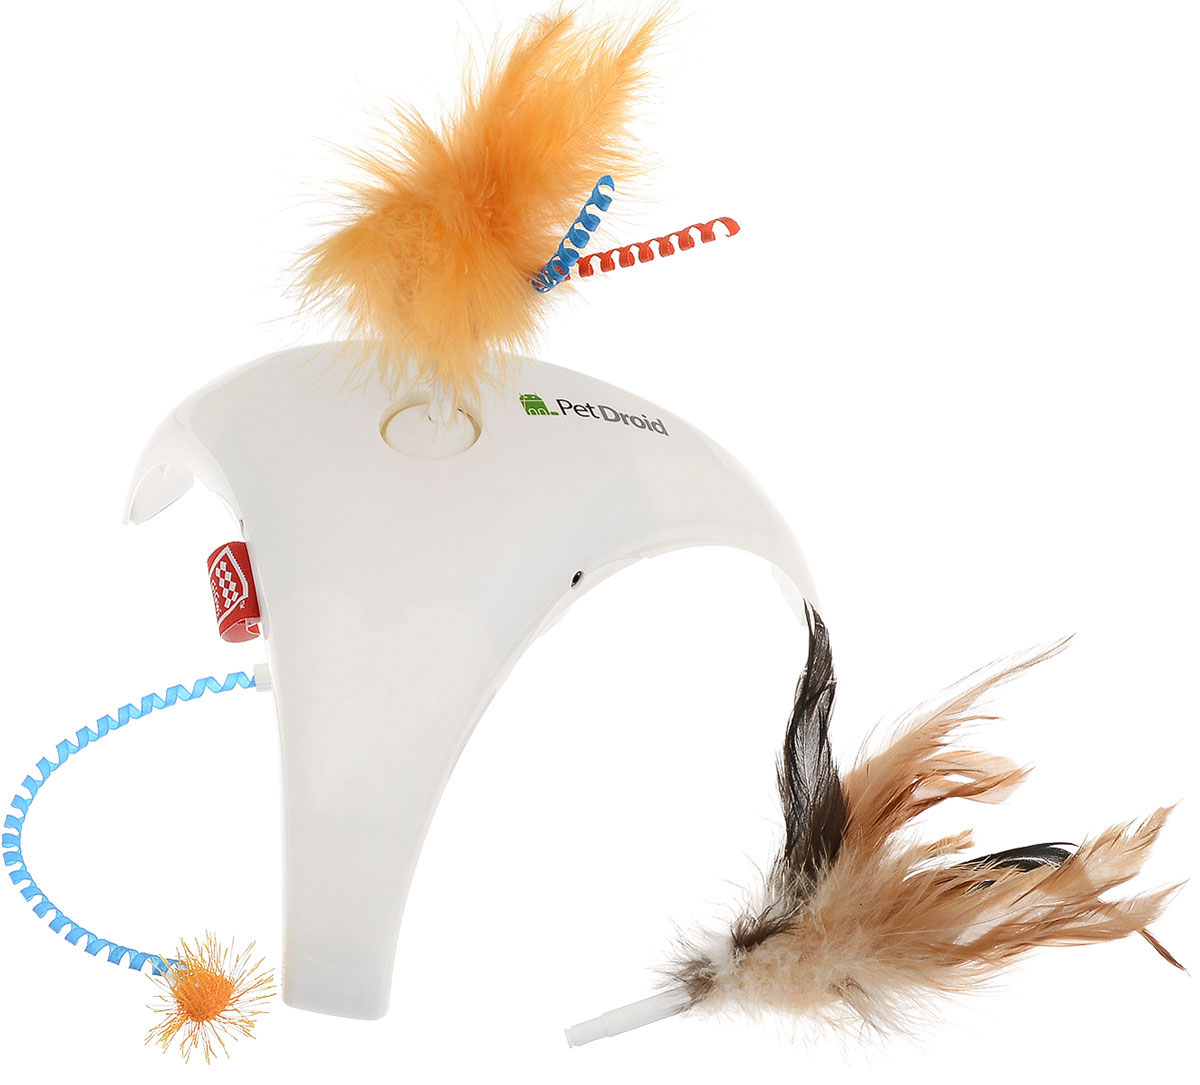 Игрушка для кошек GiGwi Feather Spinner, интерактивная16211/625596_розовыйИгрушка для кошек GiGwi Feather Spinner станет незаменимым интерактивным развлечением для любой кошки, развивая и поддерживая ее природный охотничий инстинкт. Игрушка состоит из пластикового корпуса и трех насадок с перьями. Игрушка снабжена 3 датчиками движения, которые активируют саму игрушку при подходе к ней кошки.В комплект входят сменные насадки.Игрушка работает от двух батареек типа АА (не входят в комплект).